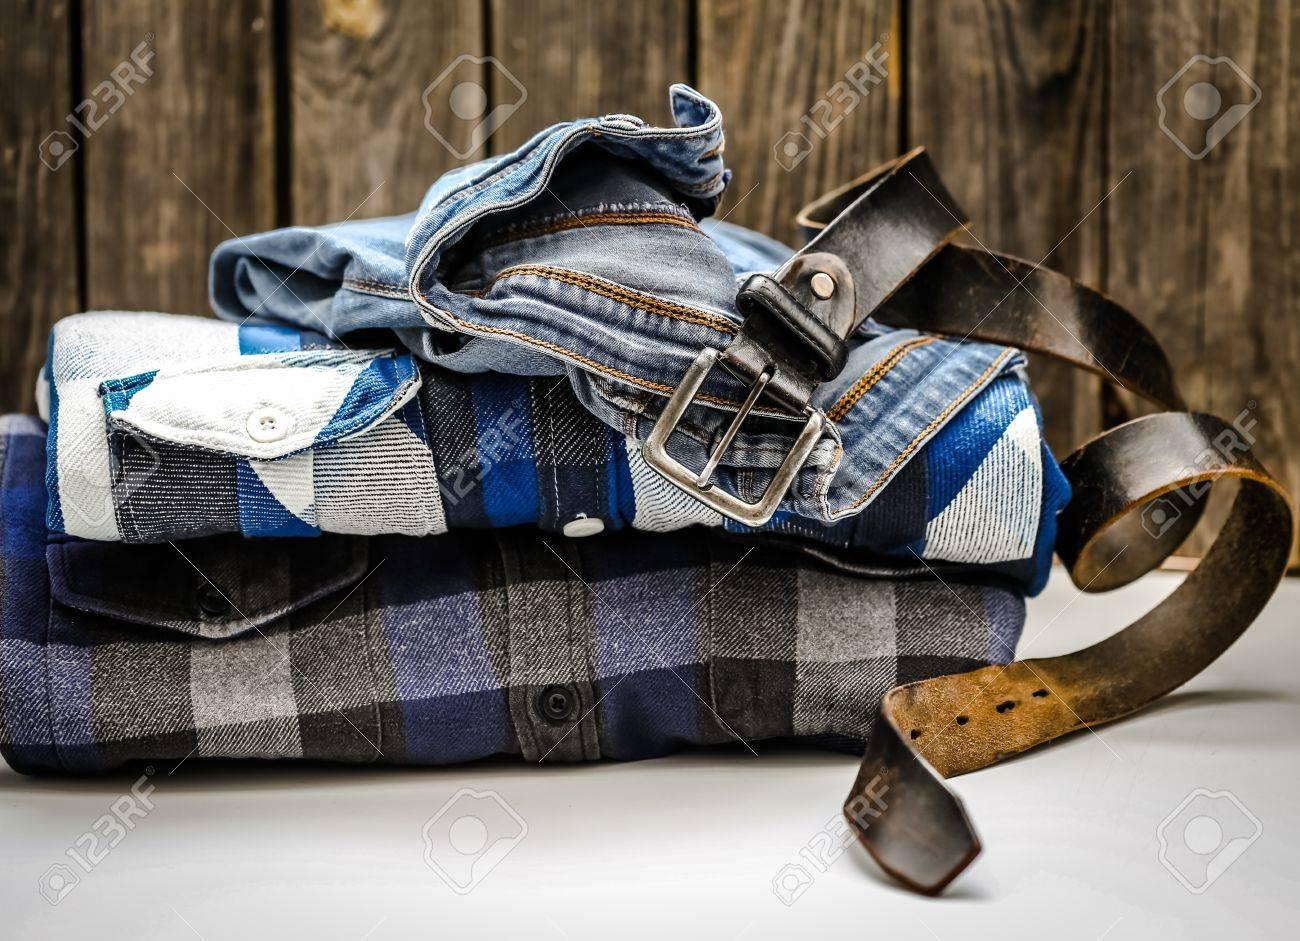 Banque d images - Chemise pour homme pliée dans la boîte et la ceinture  avec des jeans sur fond en bois, concept de style et de la mode c853735fa3a